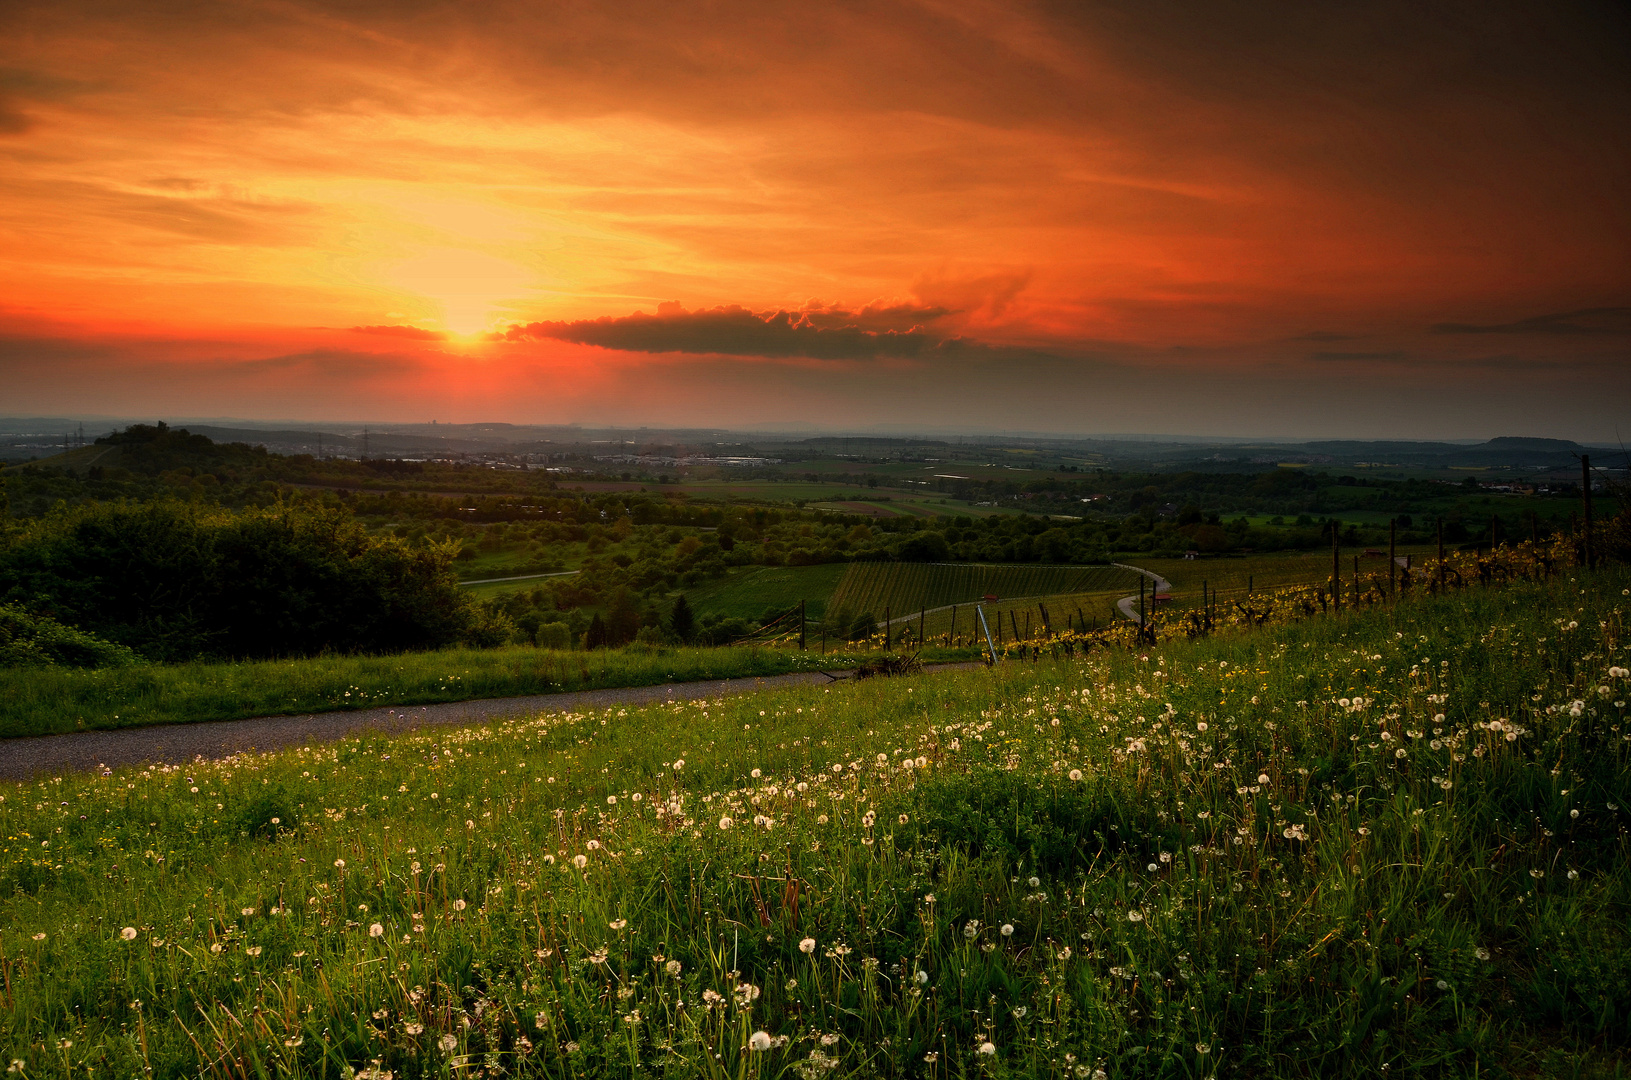 Frühlingsabend, abschalten, die Weite genießen...